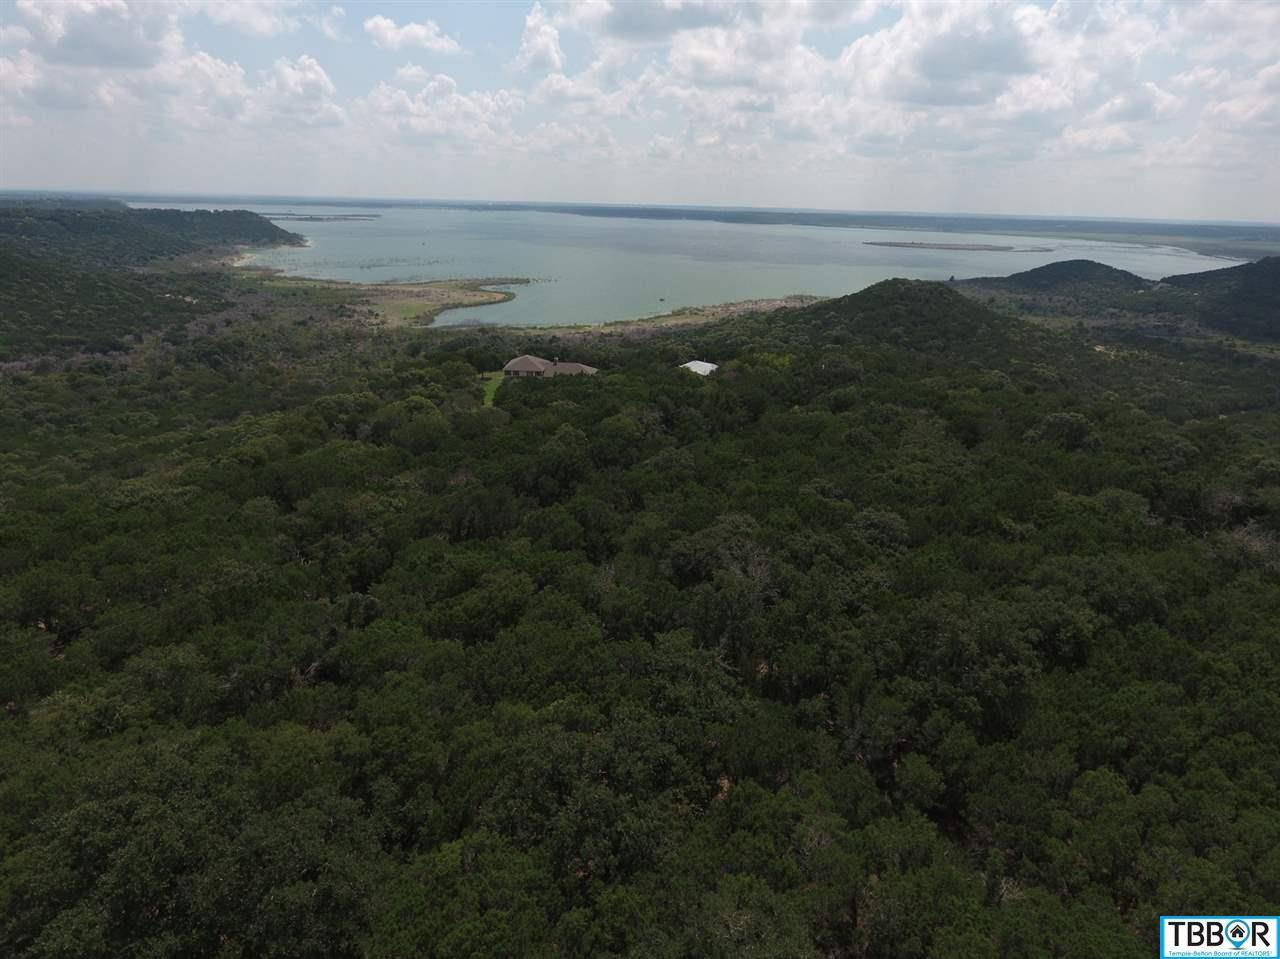 000 Highview Dr, Harker Heights TX 76548 - Photo 1